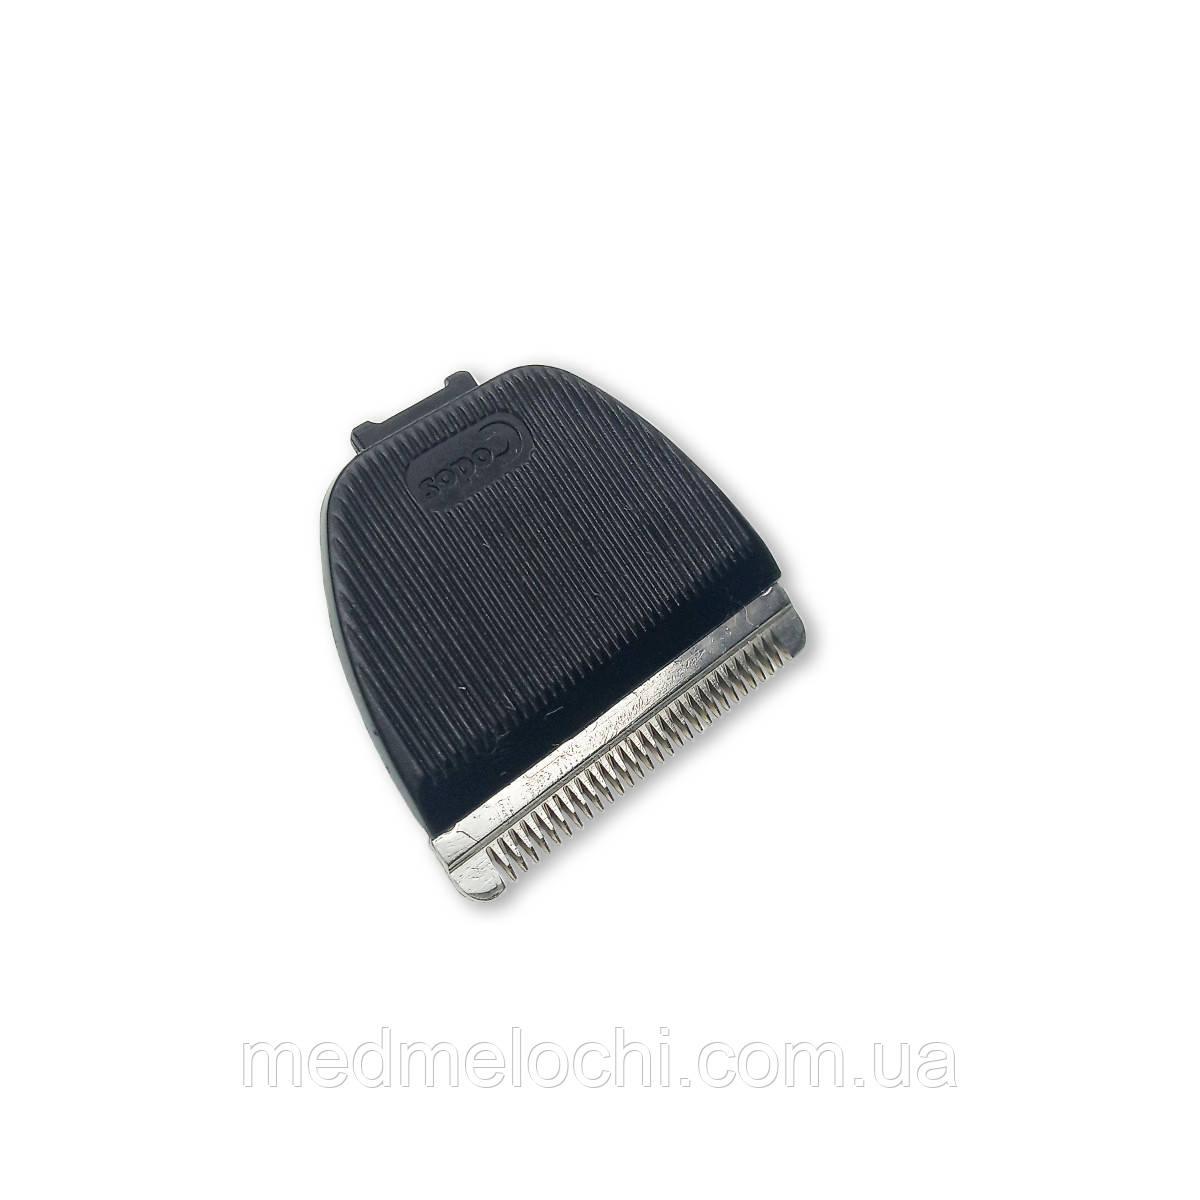 Лезо для триммера Codos CP-8000.